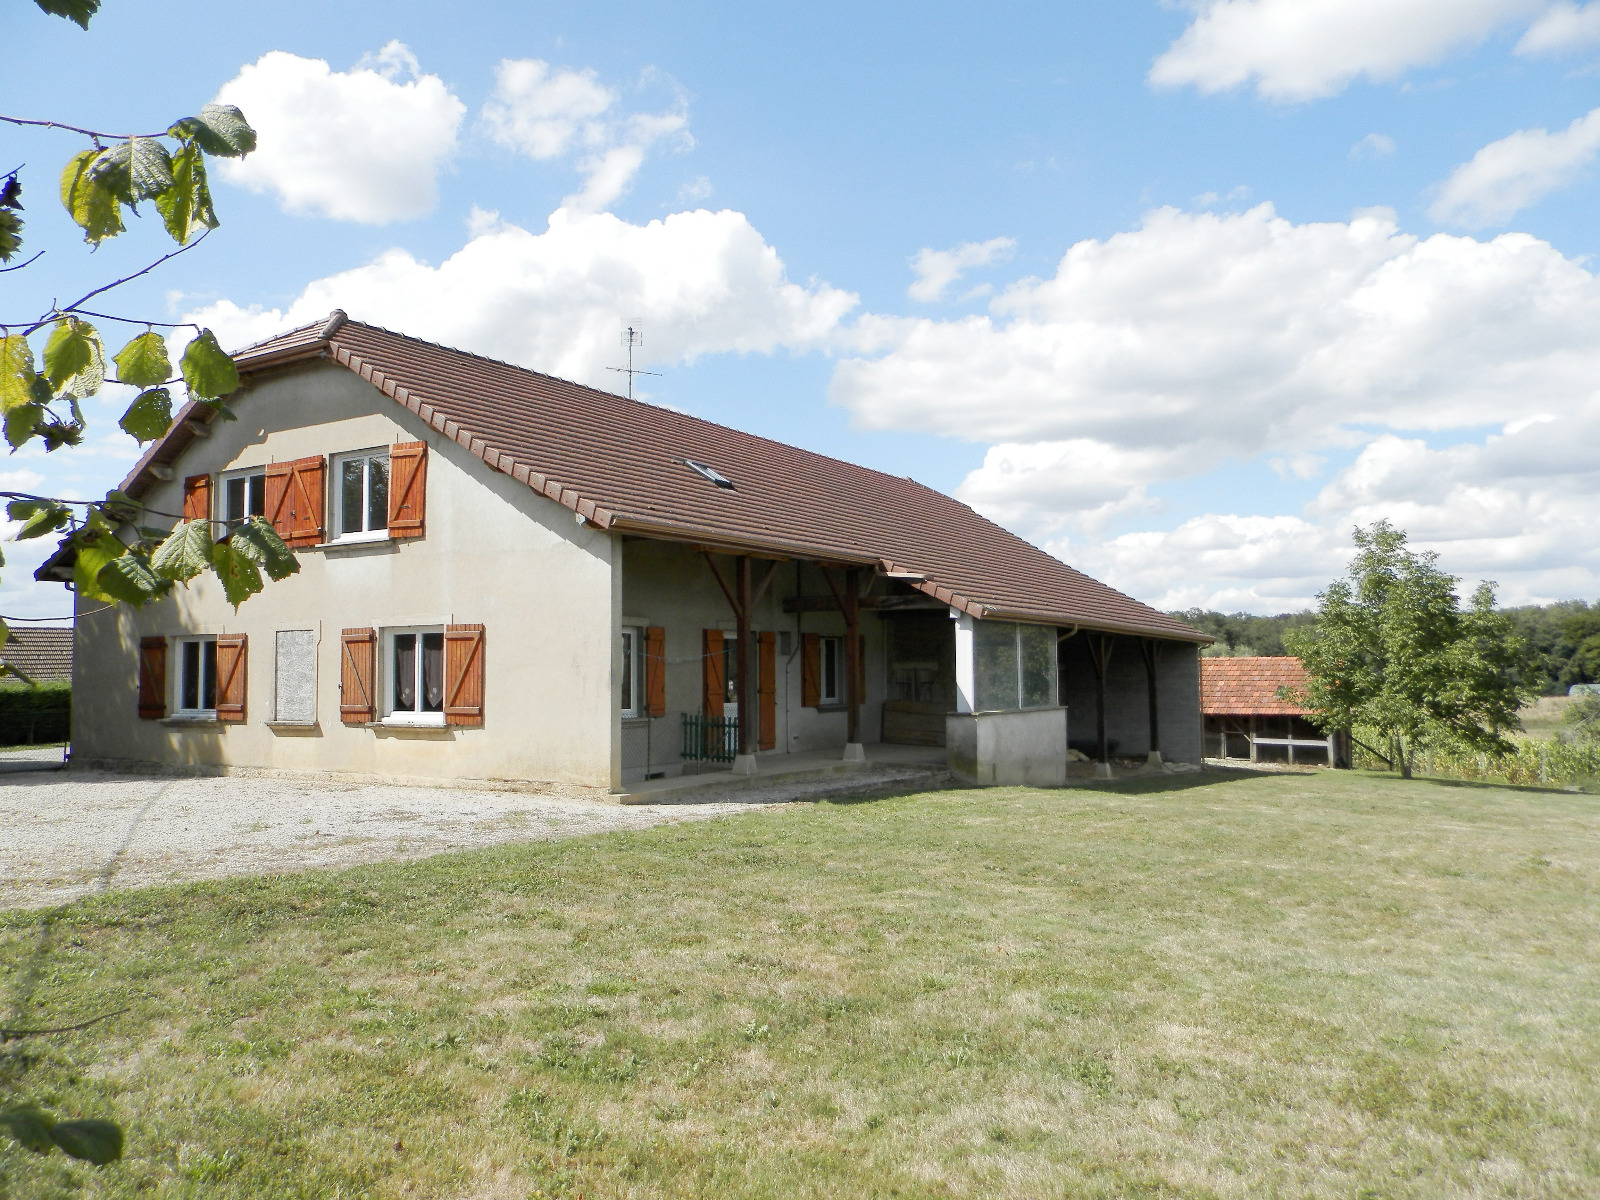 Vente Saint Germain Du Bois 71 Maison Familiale 140 M Terrain